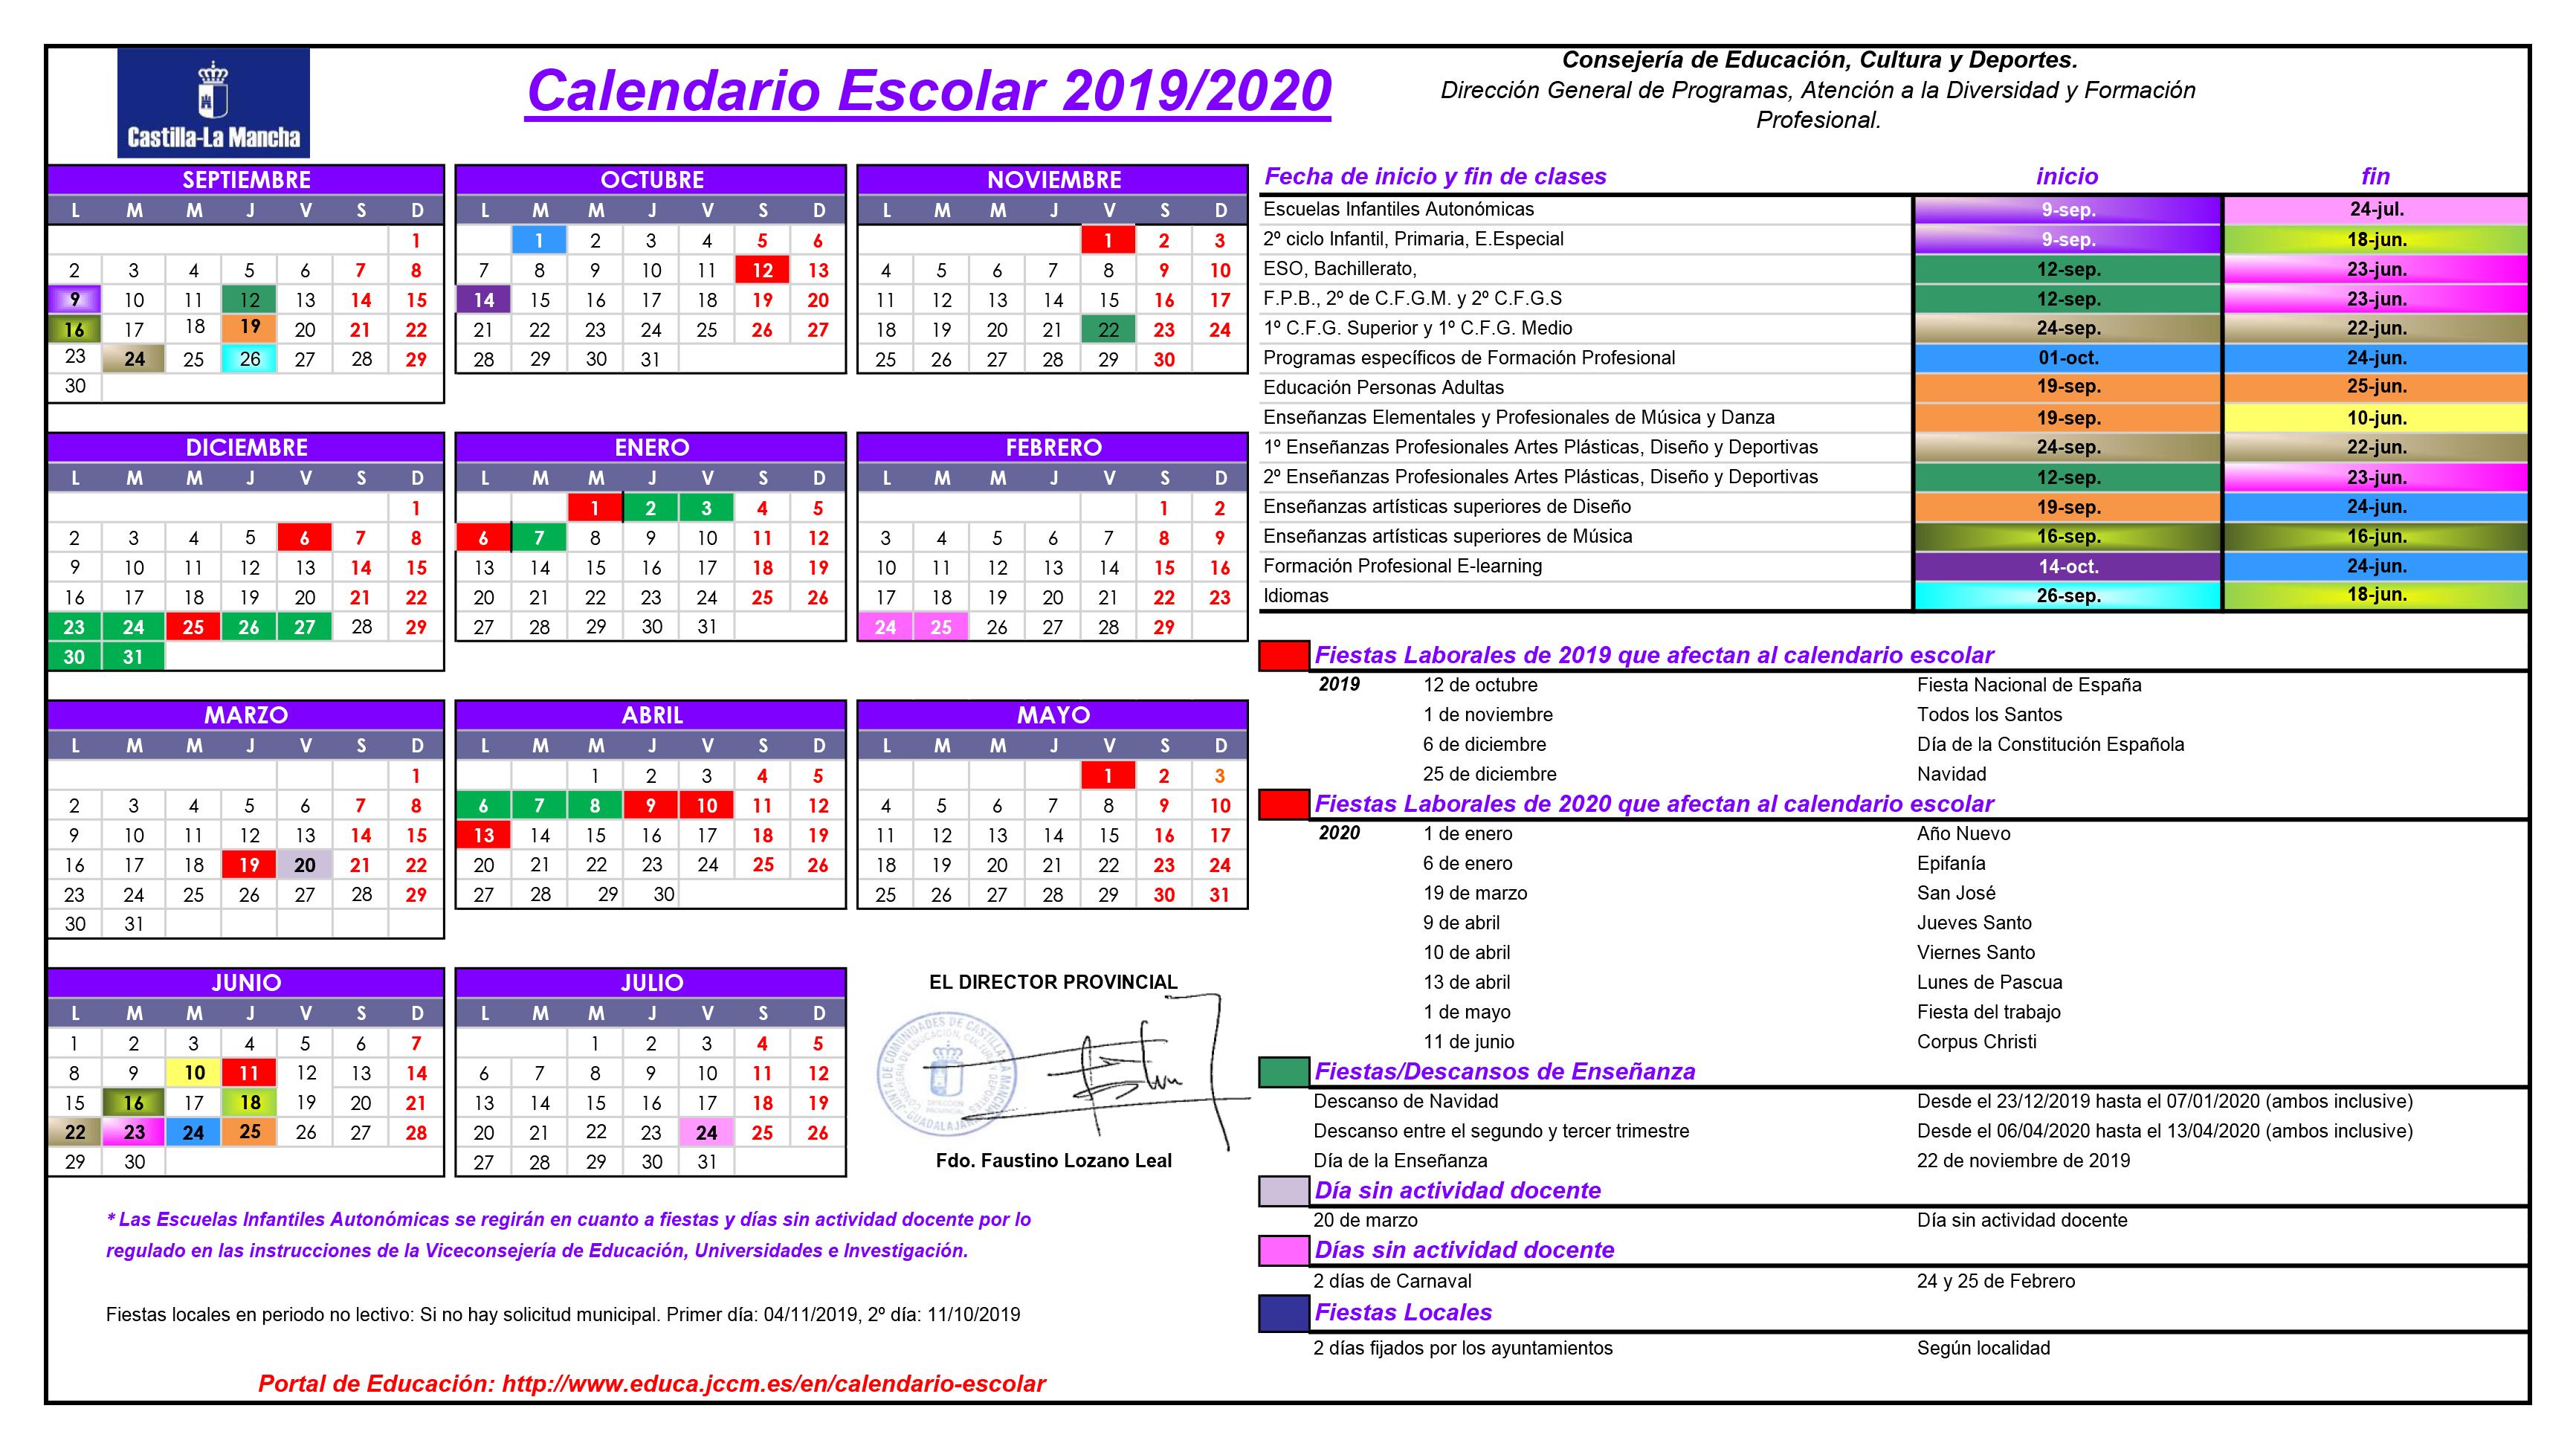 Calendario Escolar Valladolid 2020.Calendario Escolar 2019 2020